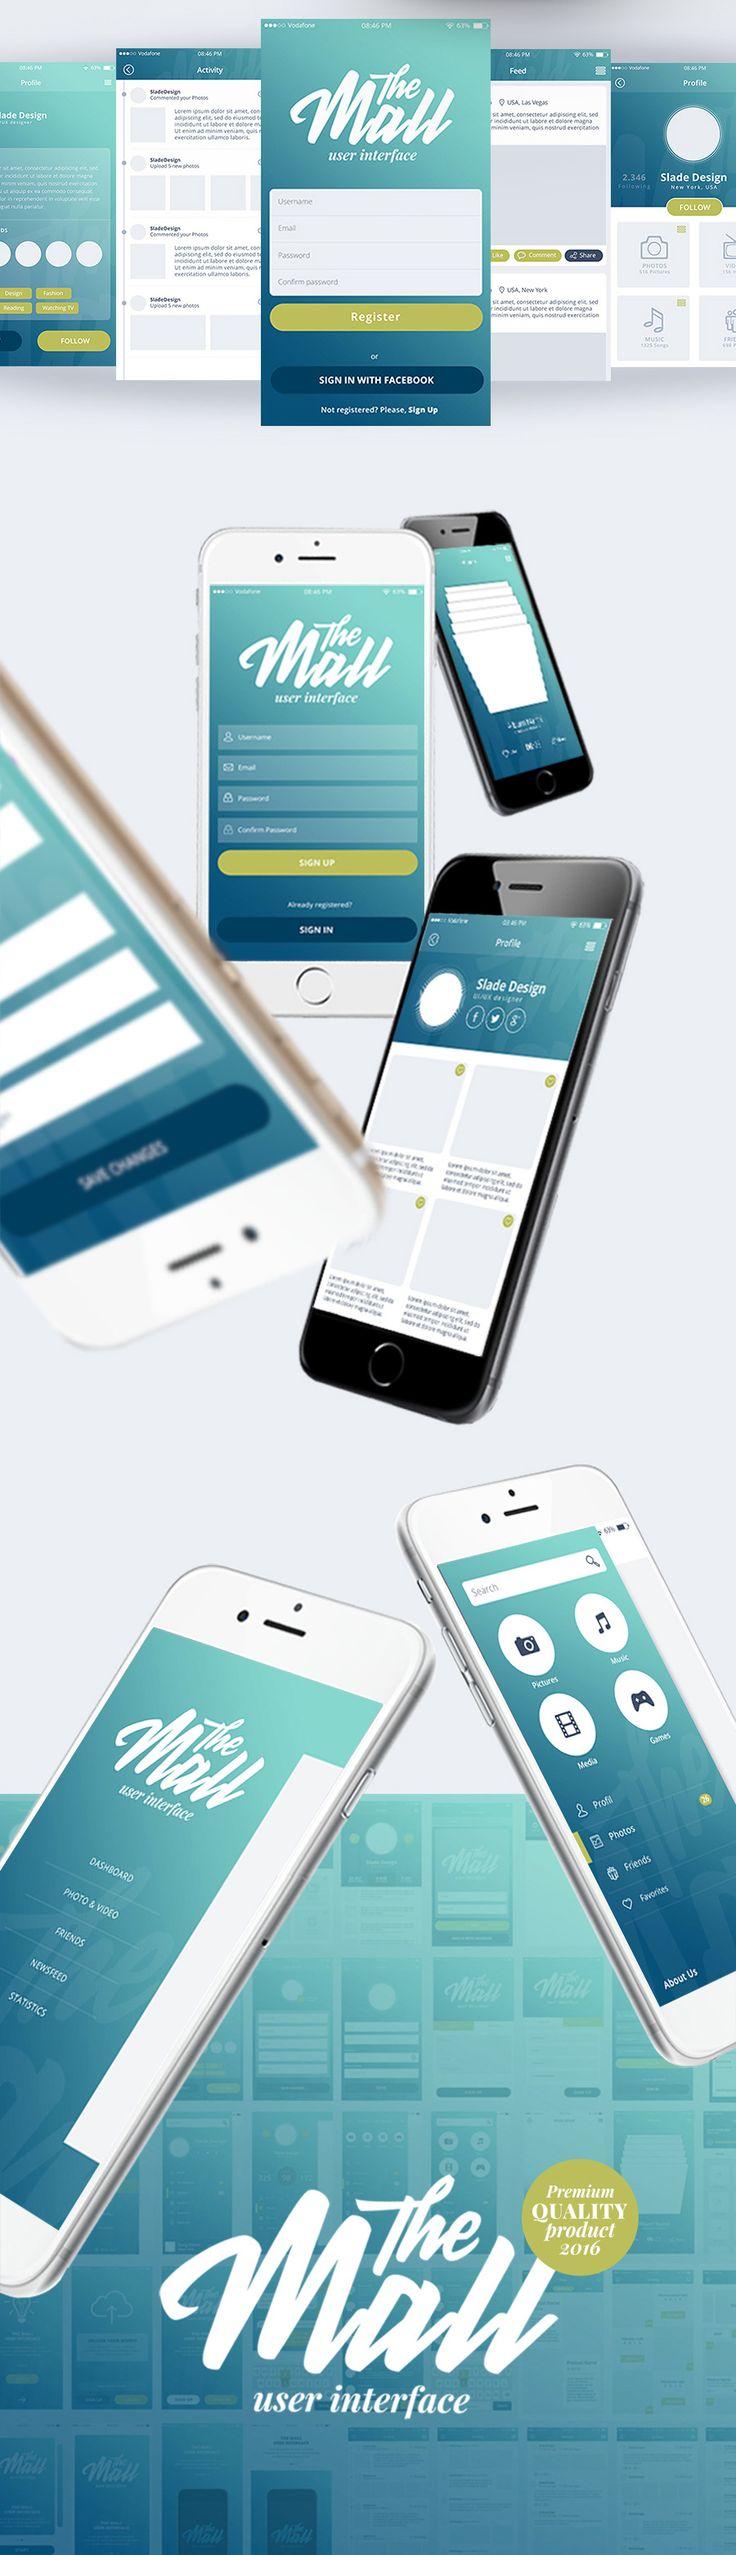 핸드폰의 움직임시 되는 것처럼 보여 앱이 살아 있는 느낌을 준다.